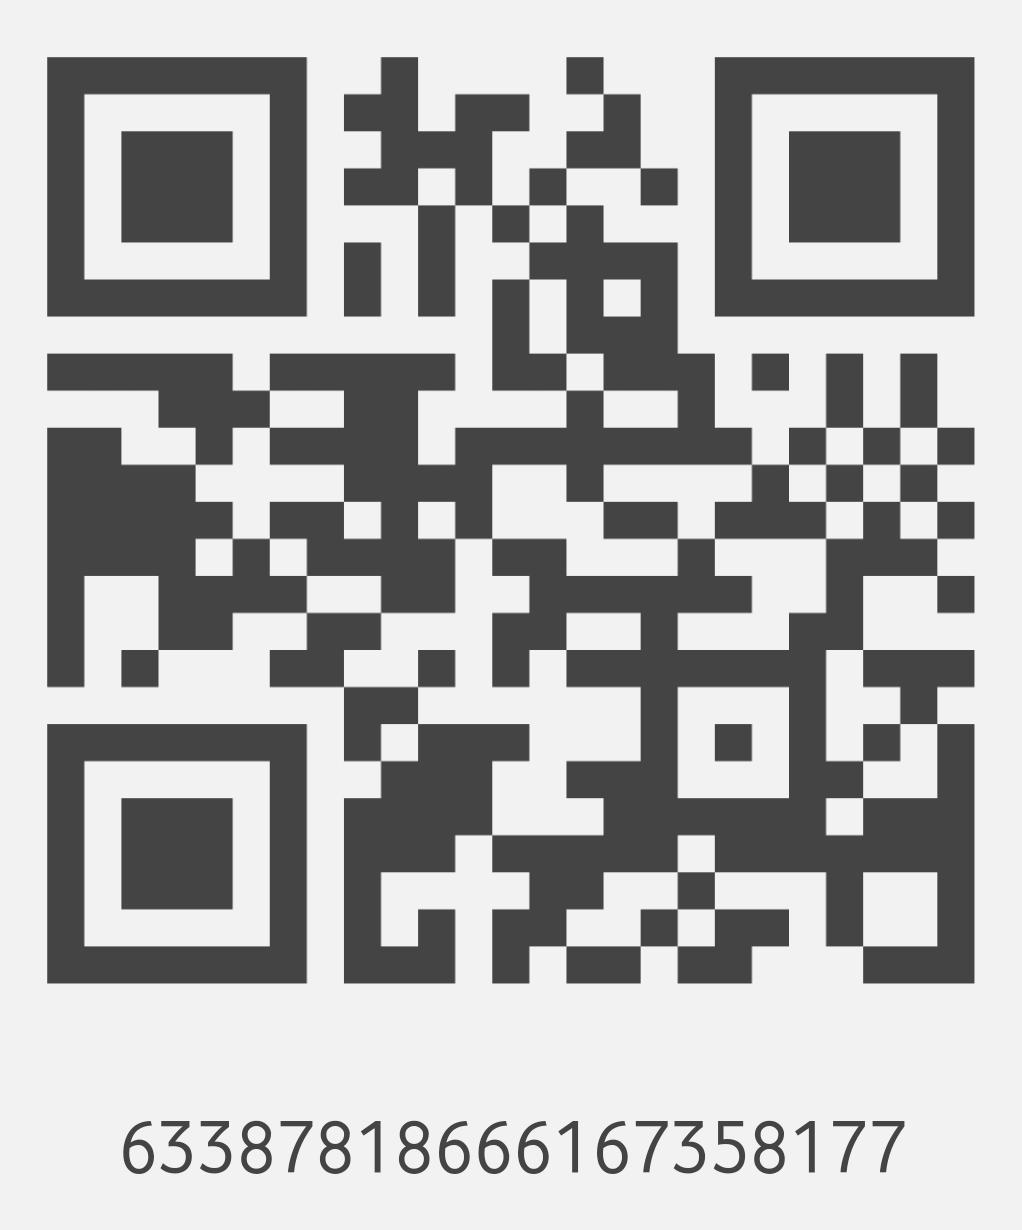 37945099-hX3uL.jpg